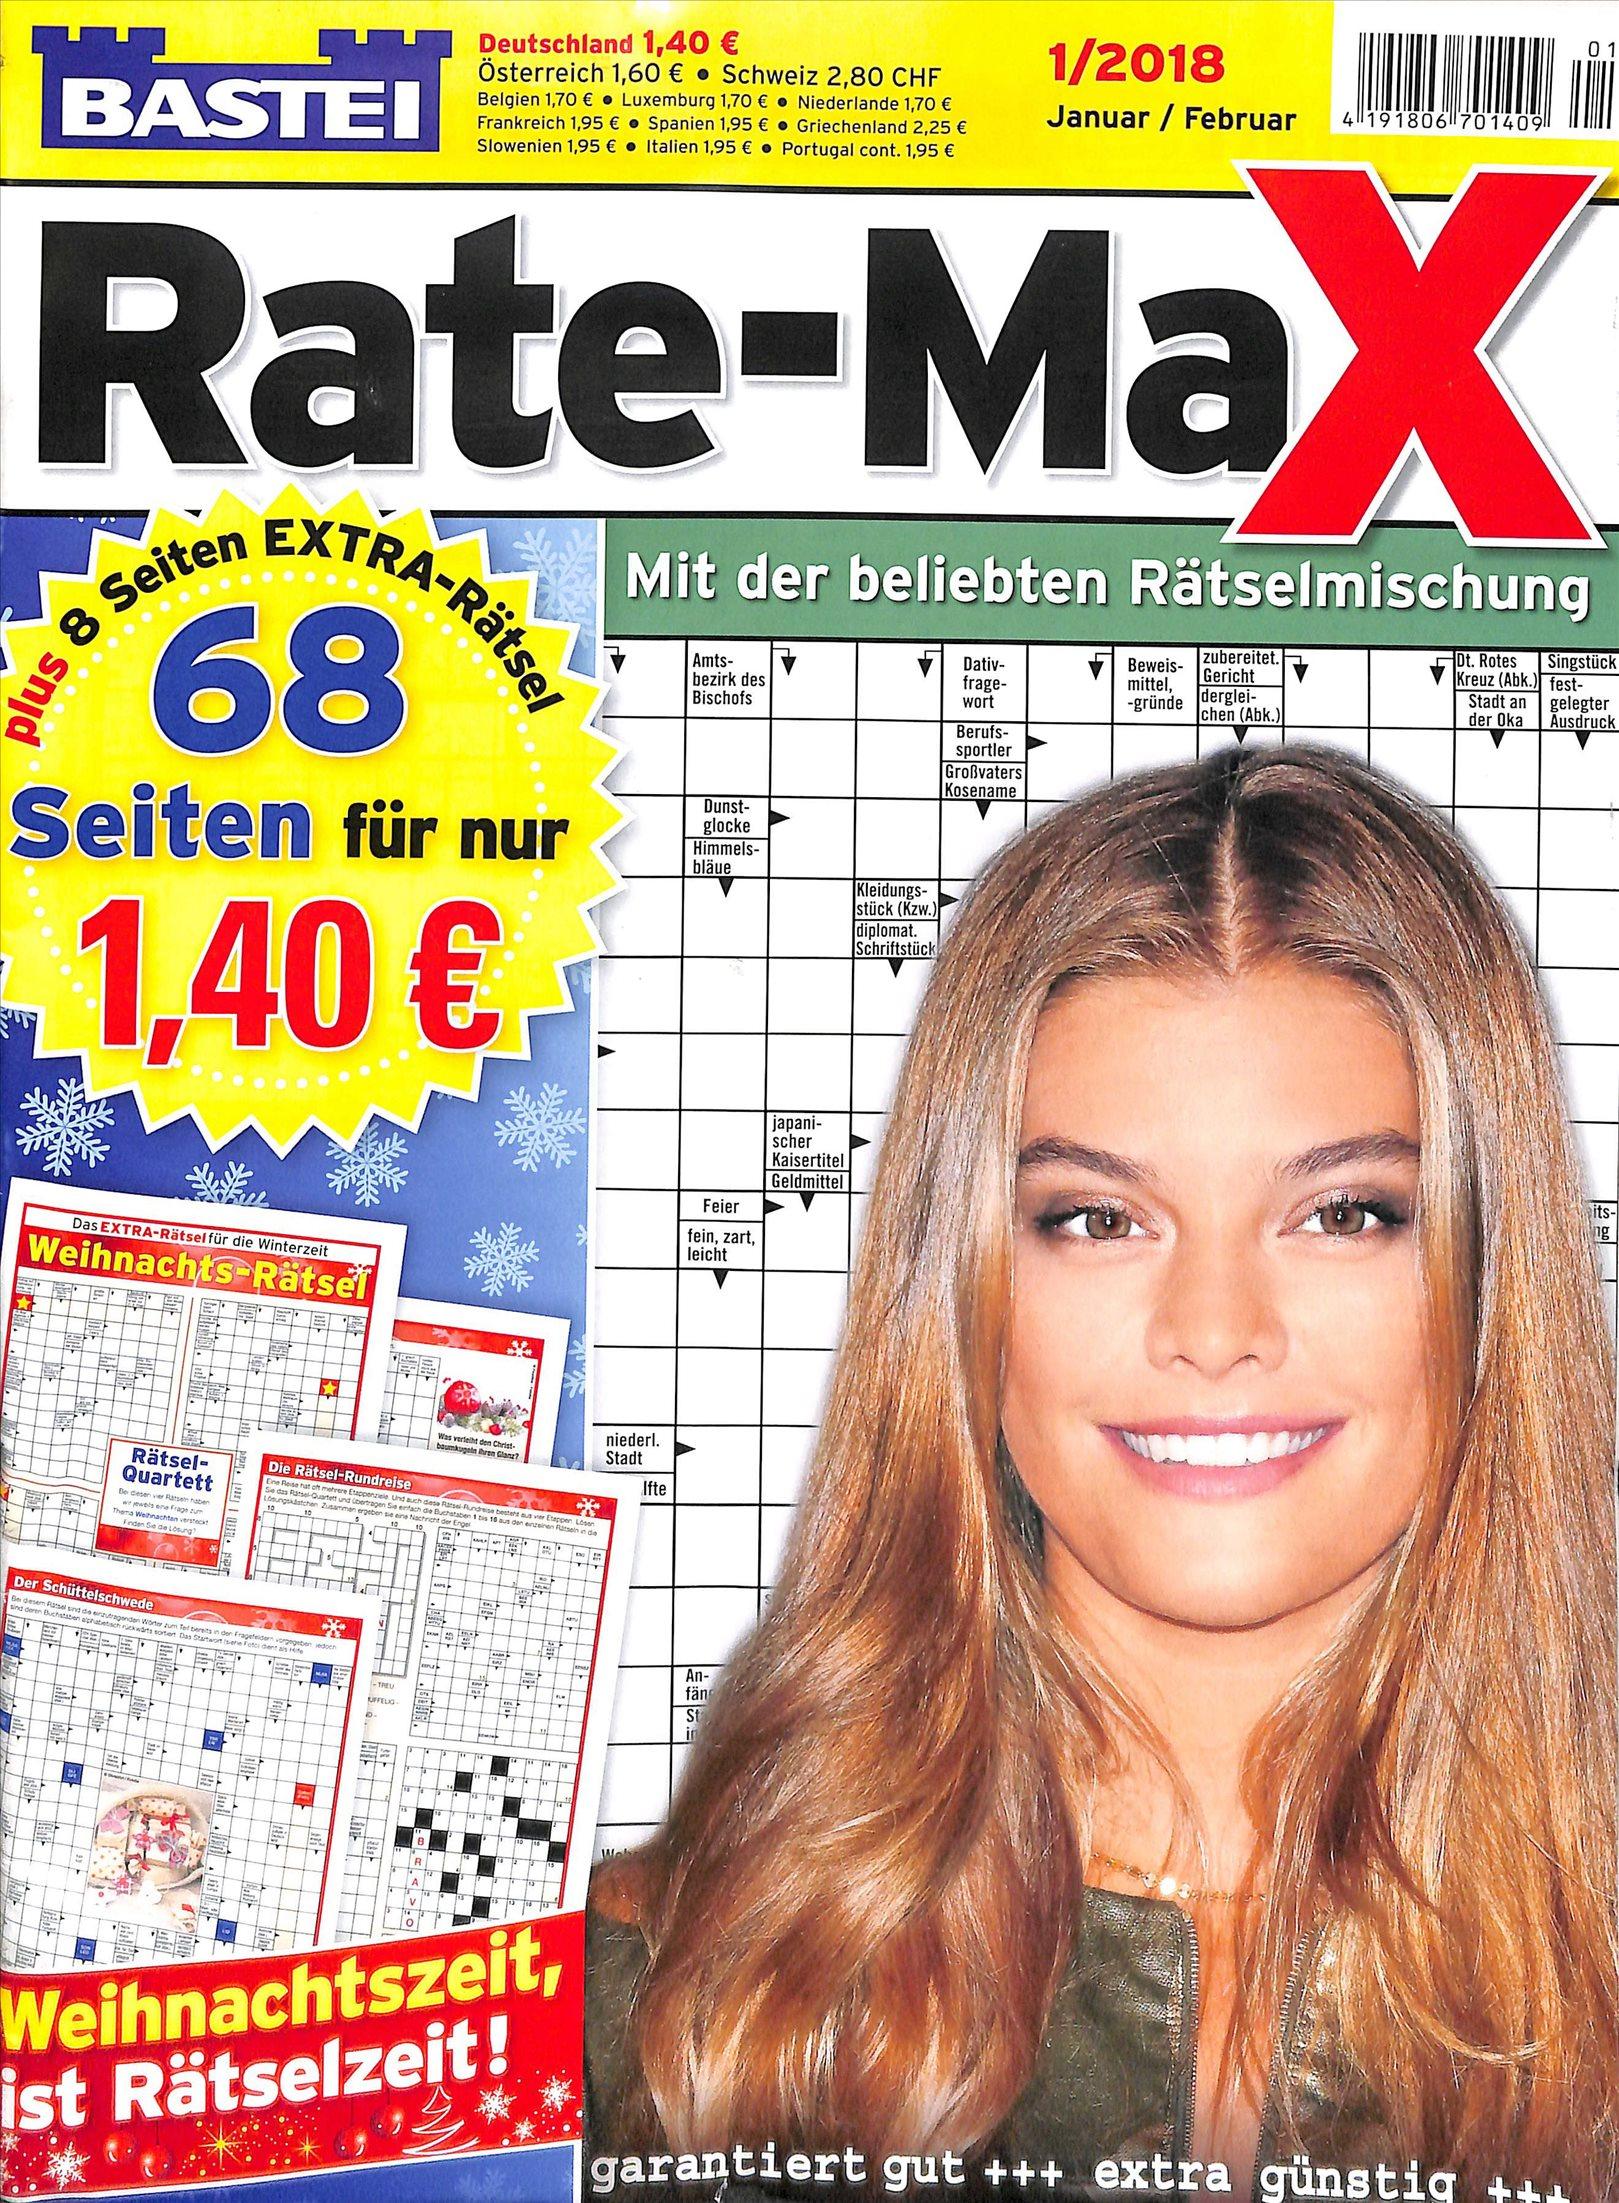 BASTEI RATE MAX